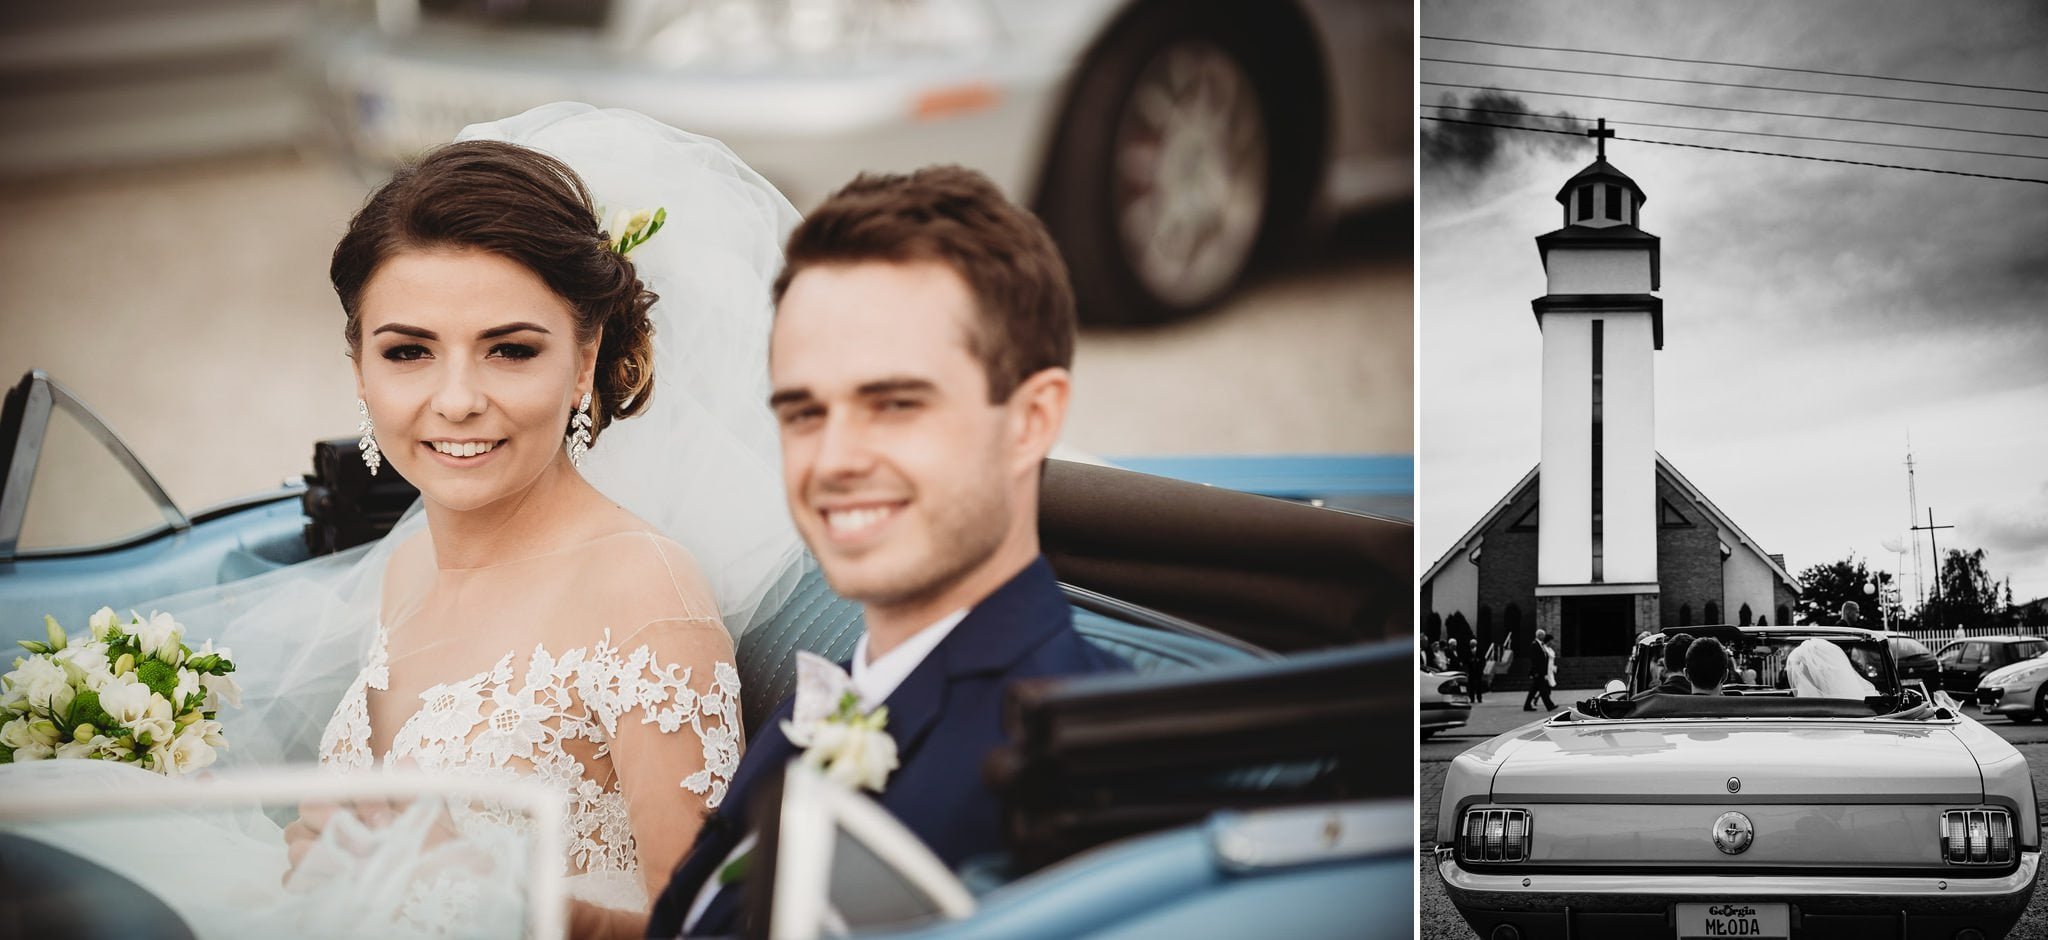 Angelika i Michał, piękne zdjęcia ślubne i sesja plenerowa w Gołuchowie 84